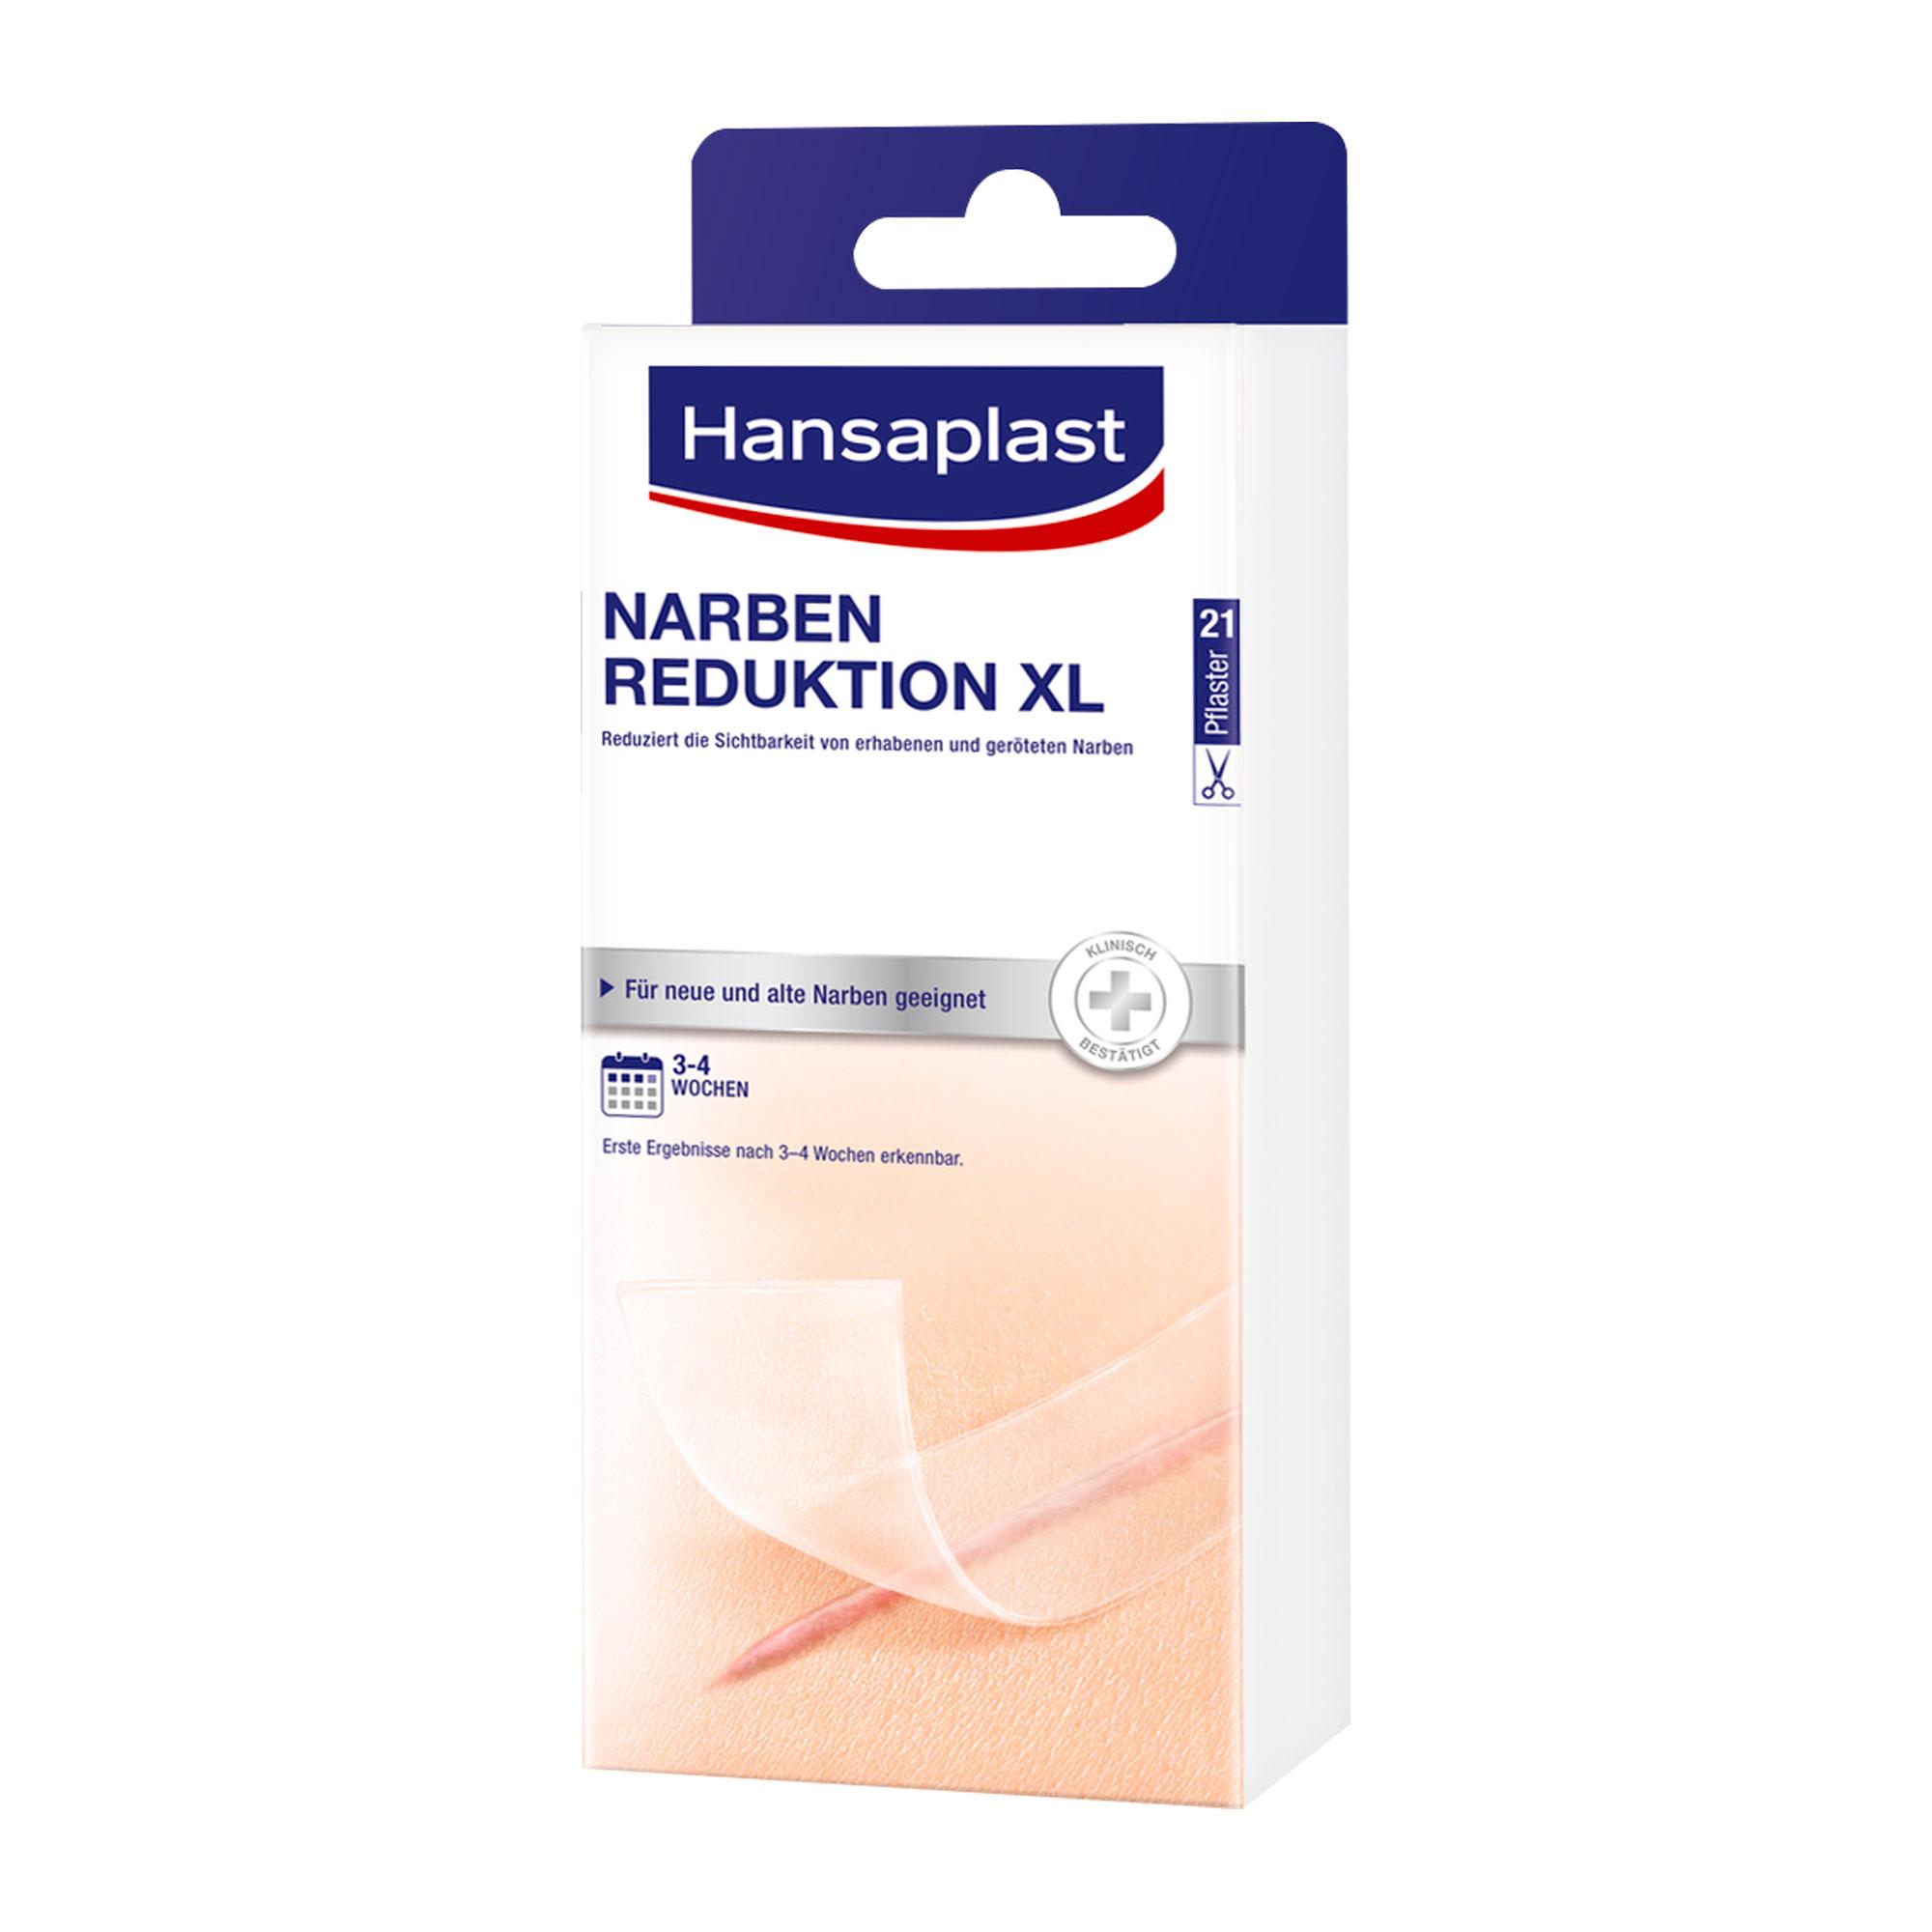 Hansaplast Pflaster zur Behandlung von großen Narben XL